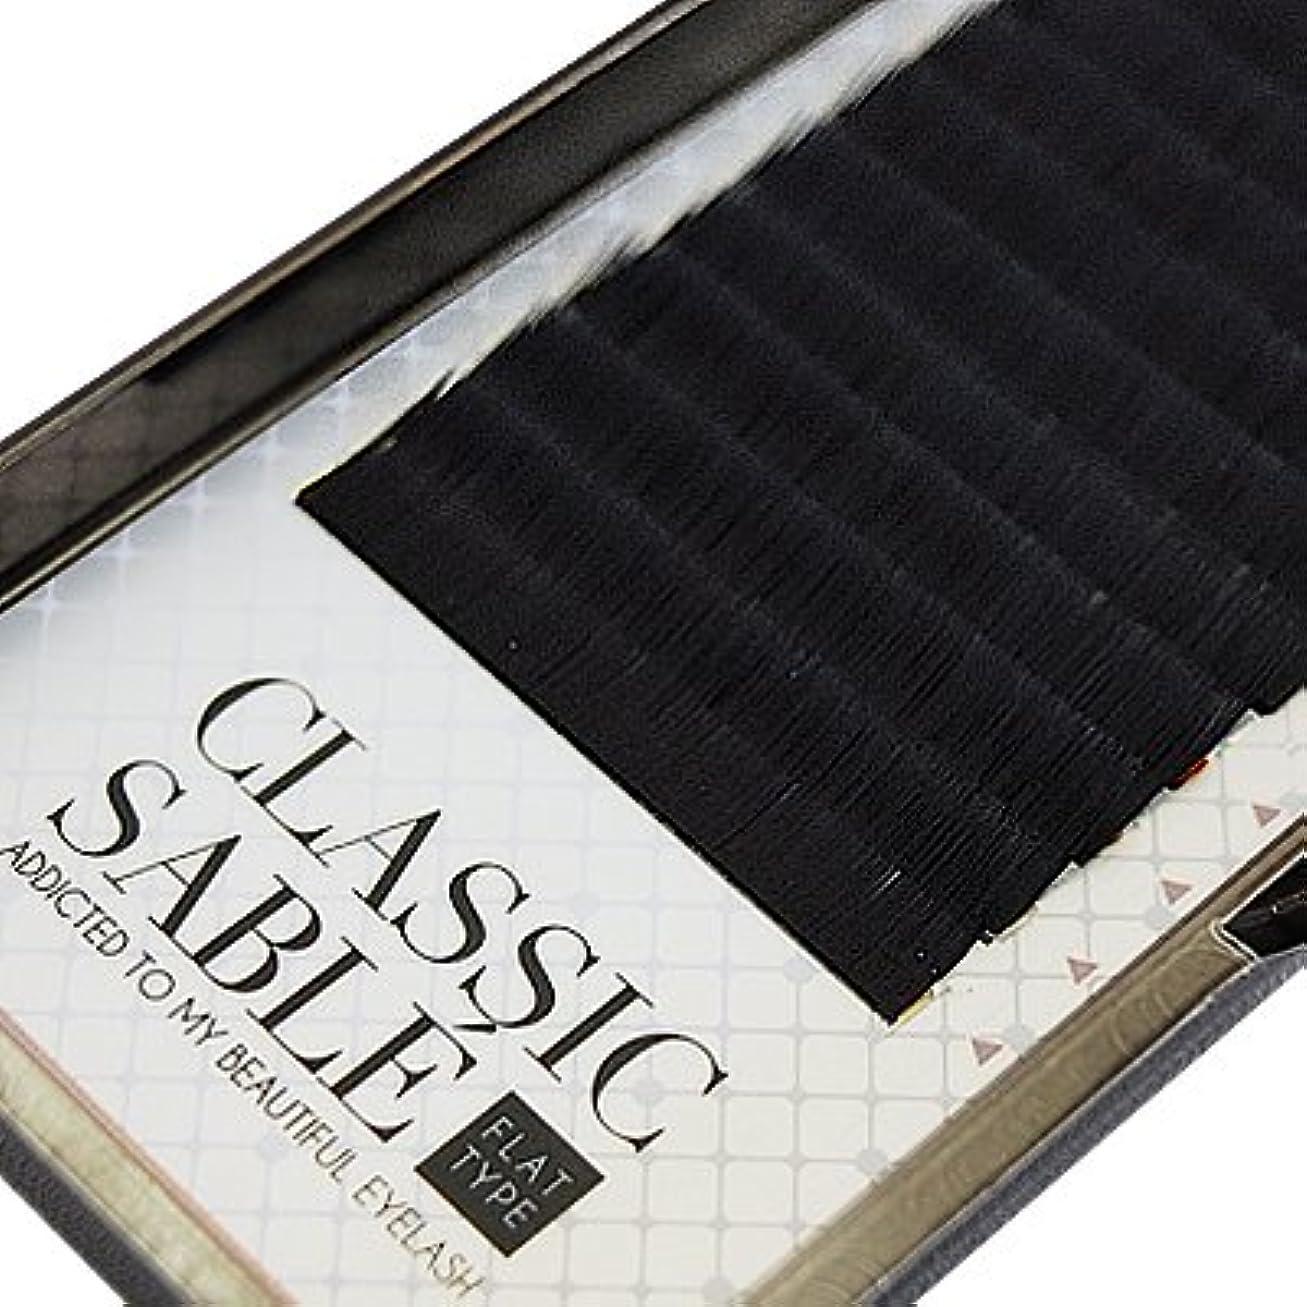 交換可能音楽を聴く焦げ【amass Bona】クラシックセーブル フラットタイプ Dカール 0.15mm×14mm